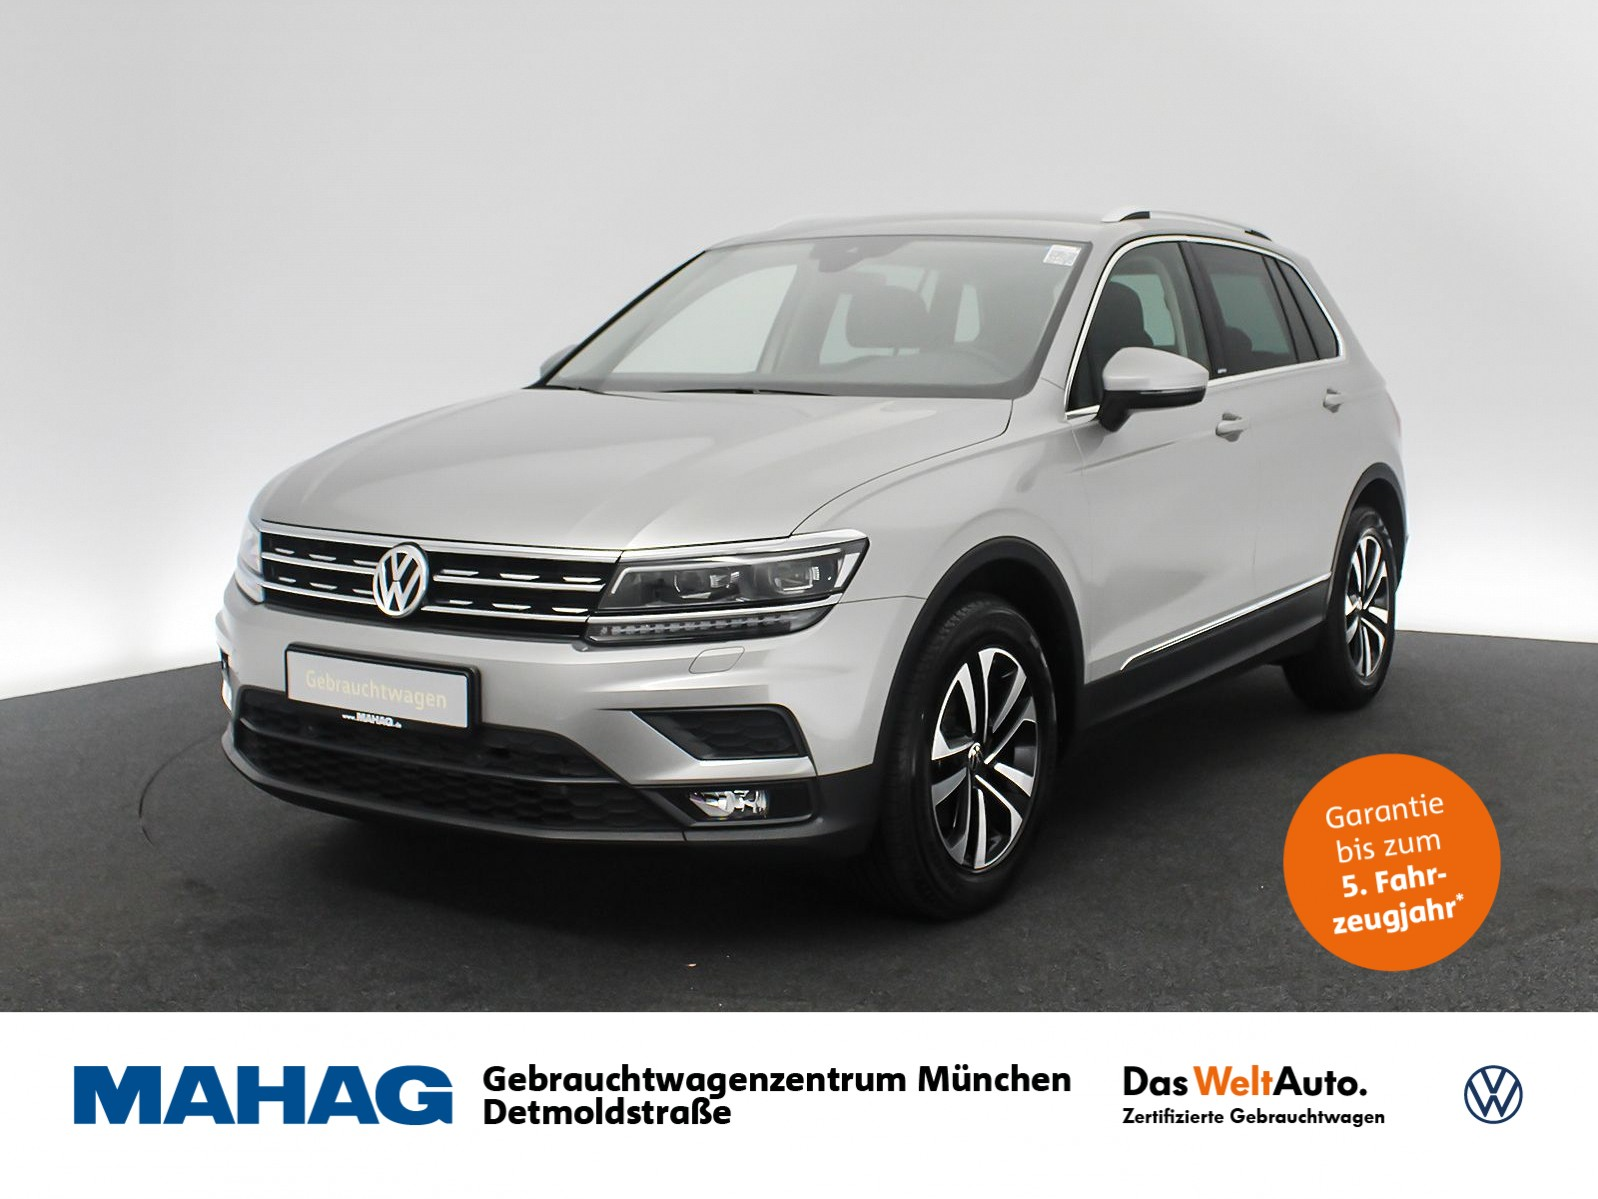 Volkswagen Tiguan 1.5 TSI UNITED Navi LED AHK HUD AppConnect Sitzhz. ParkPilot FahrerAssistPlus 17Zoll DSG, Jahr 2020, Benzin